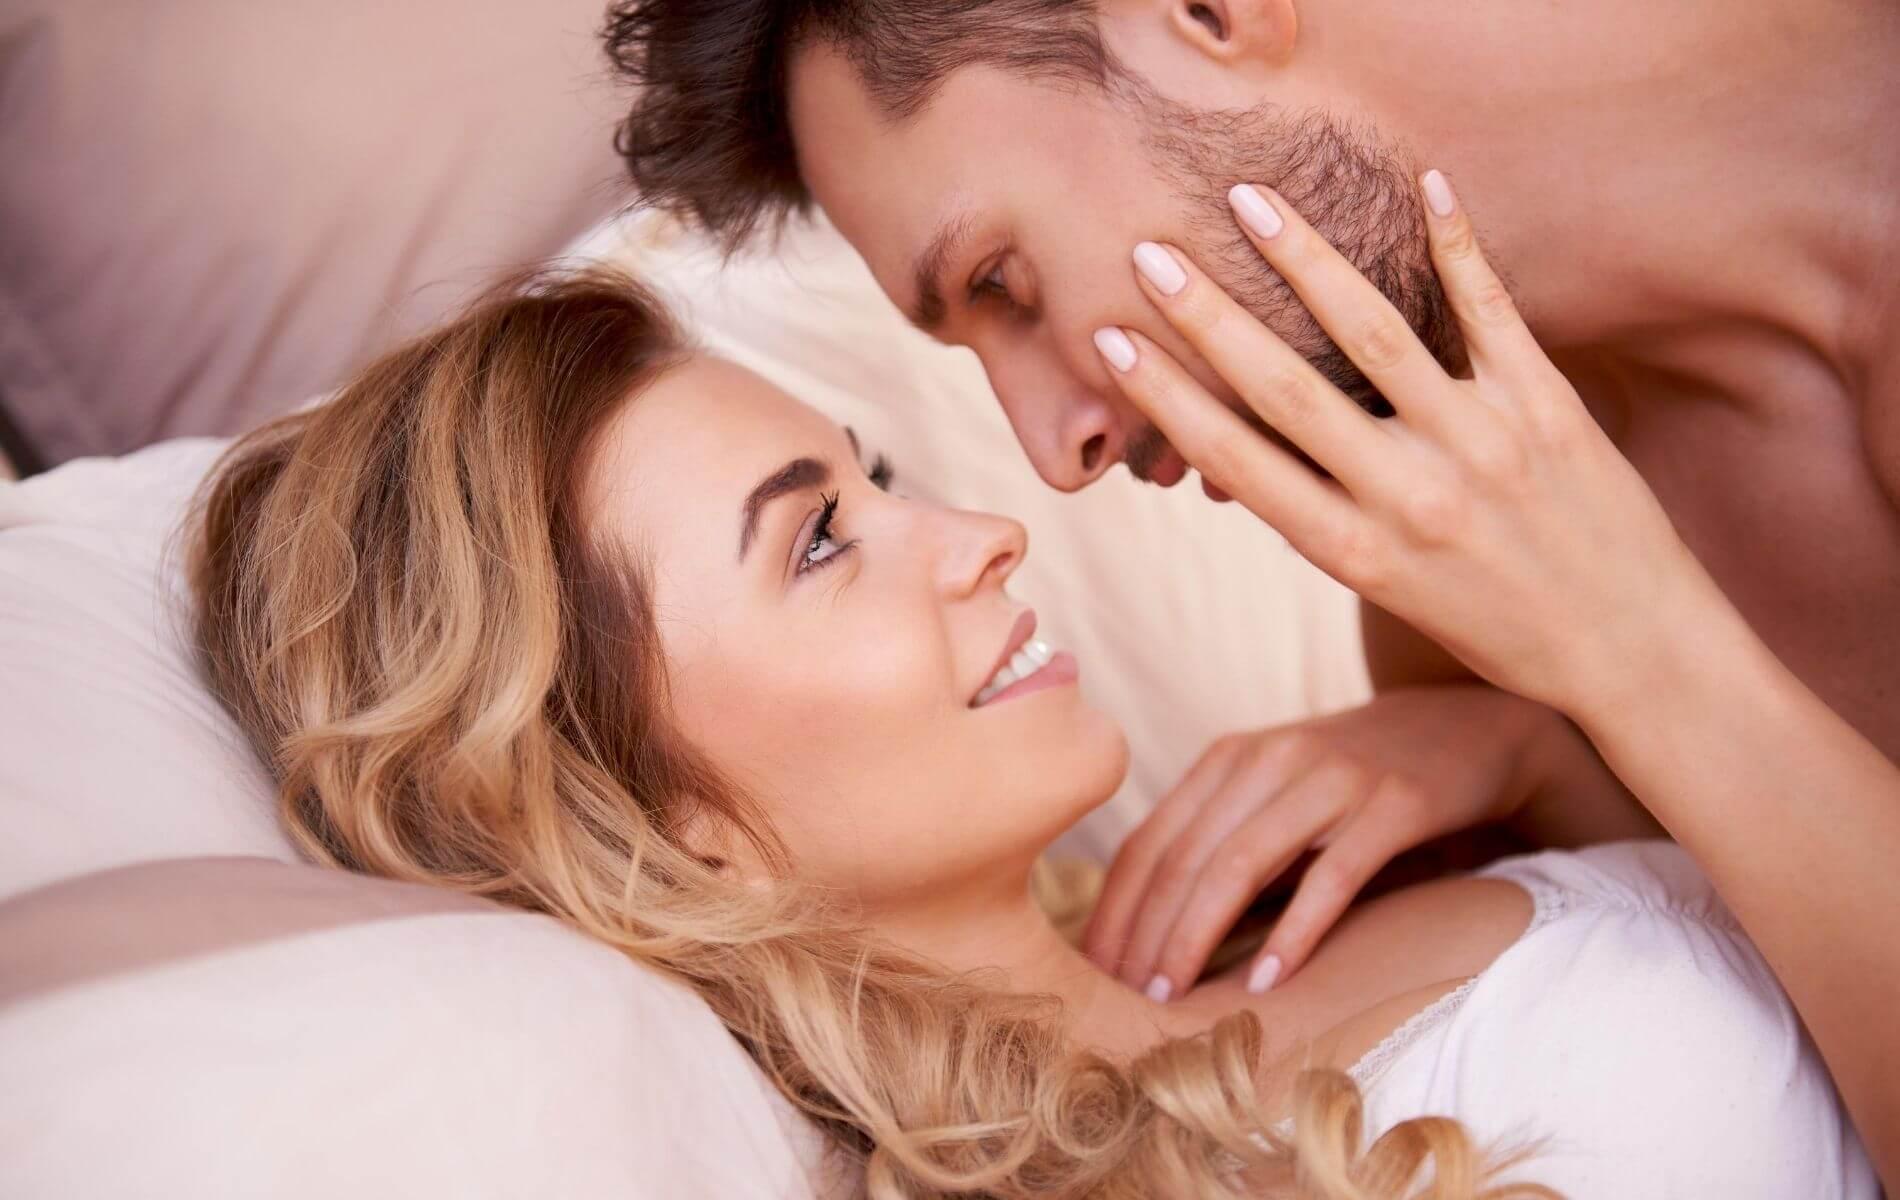 Warum gehen Männer fremd, obwohl sie in einer glücklichen Beziehung sind?